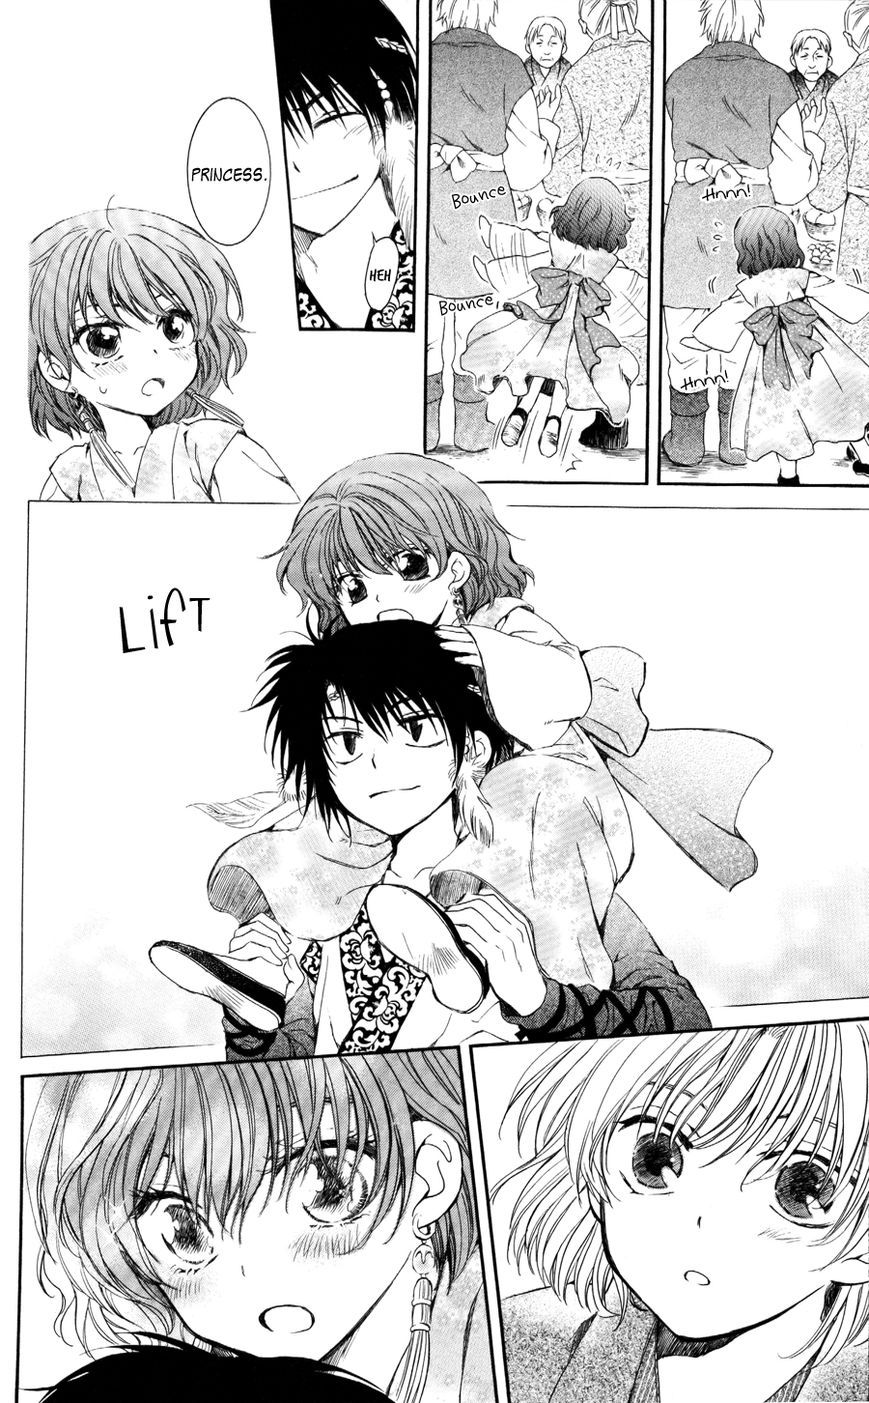 Akatsuki No Yona Chapter 60 Akatsuki no yona, Anime